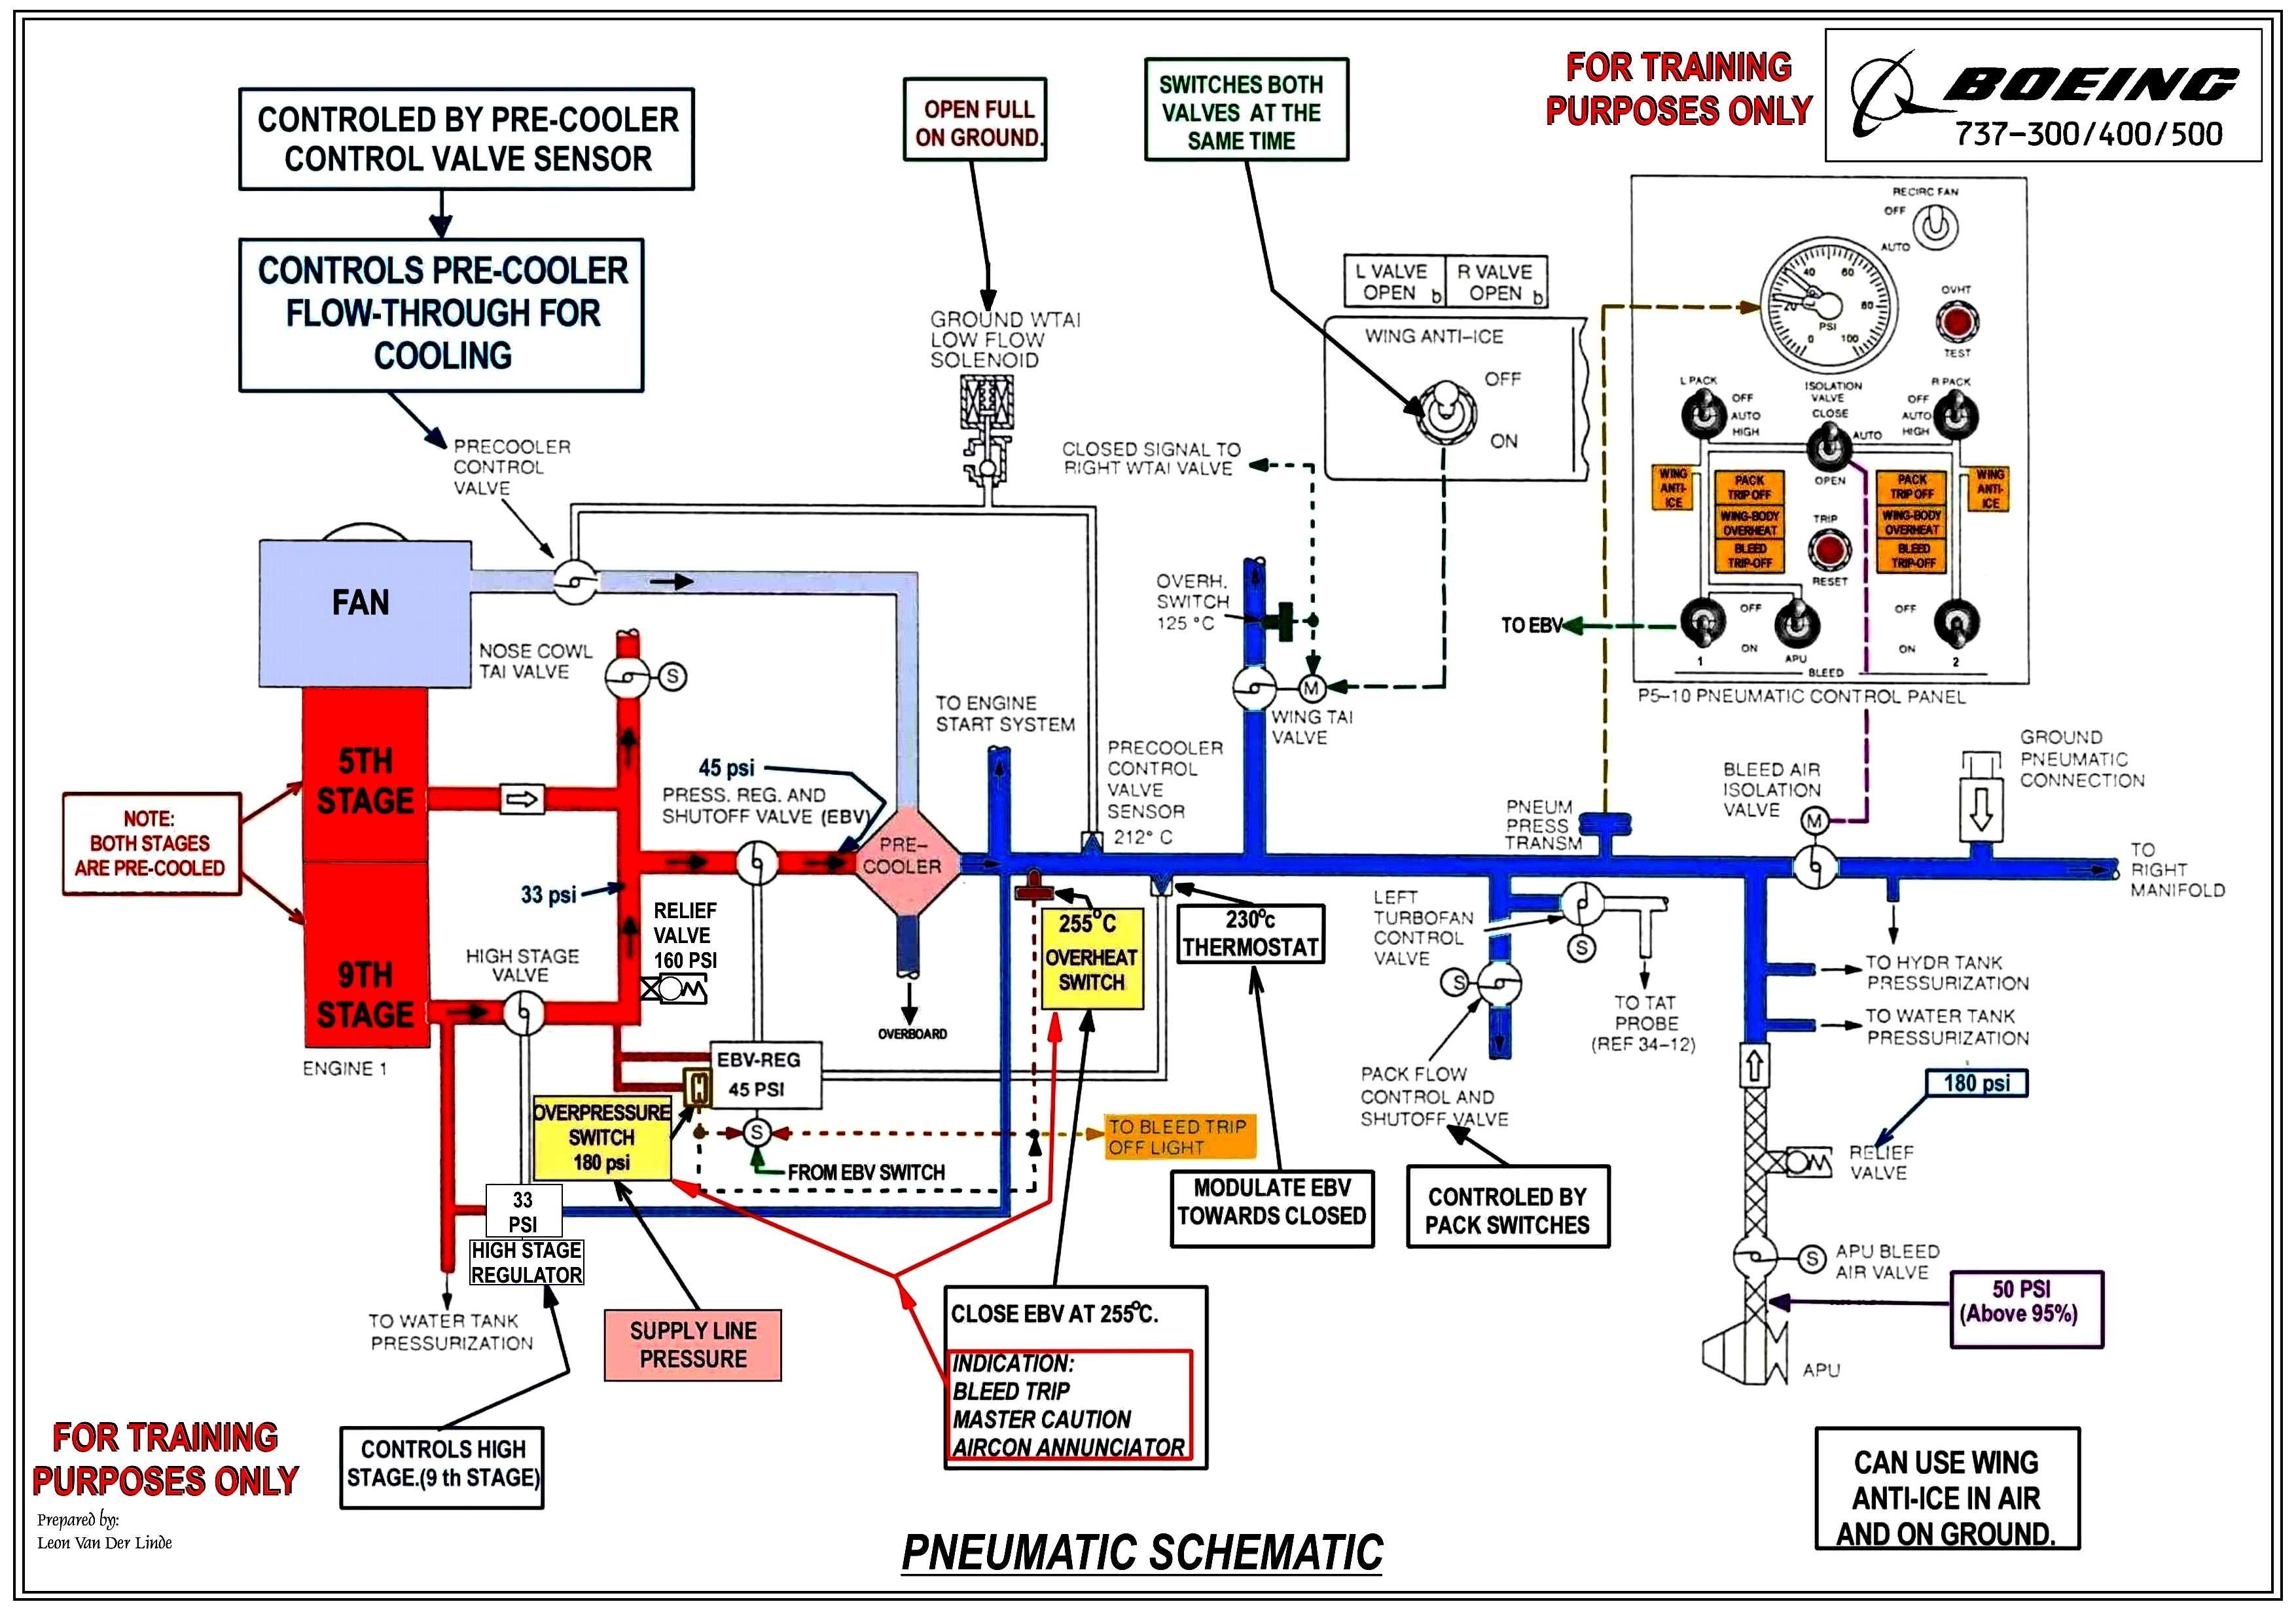 schem pmeumatic